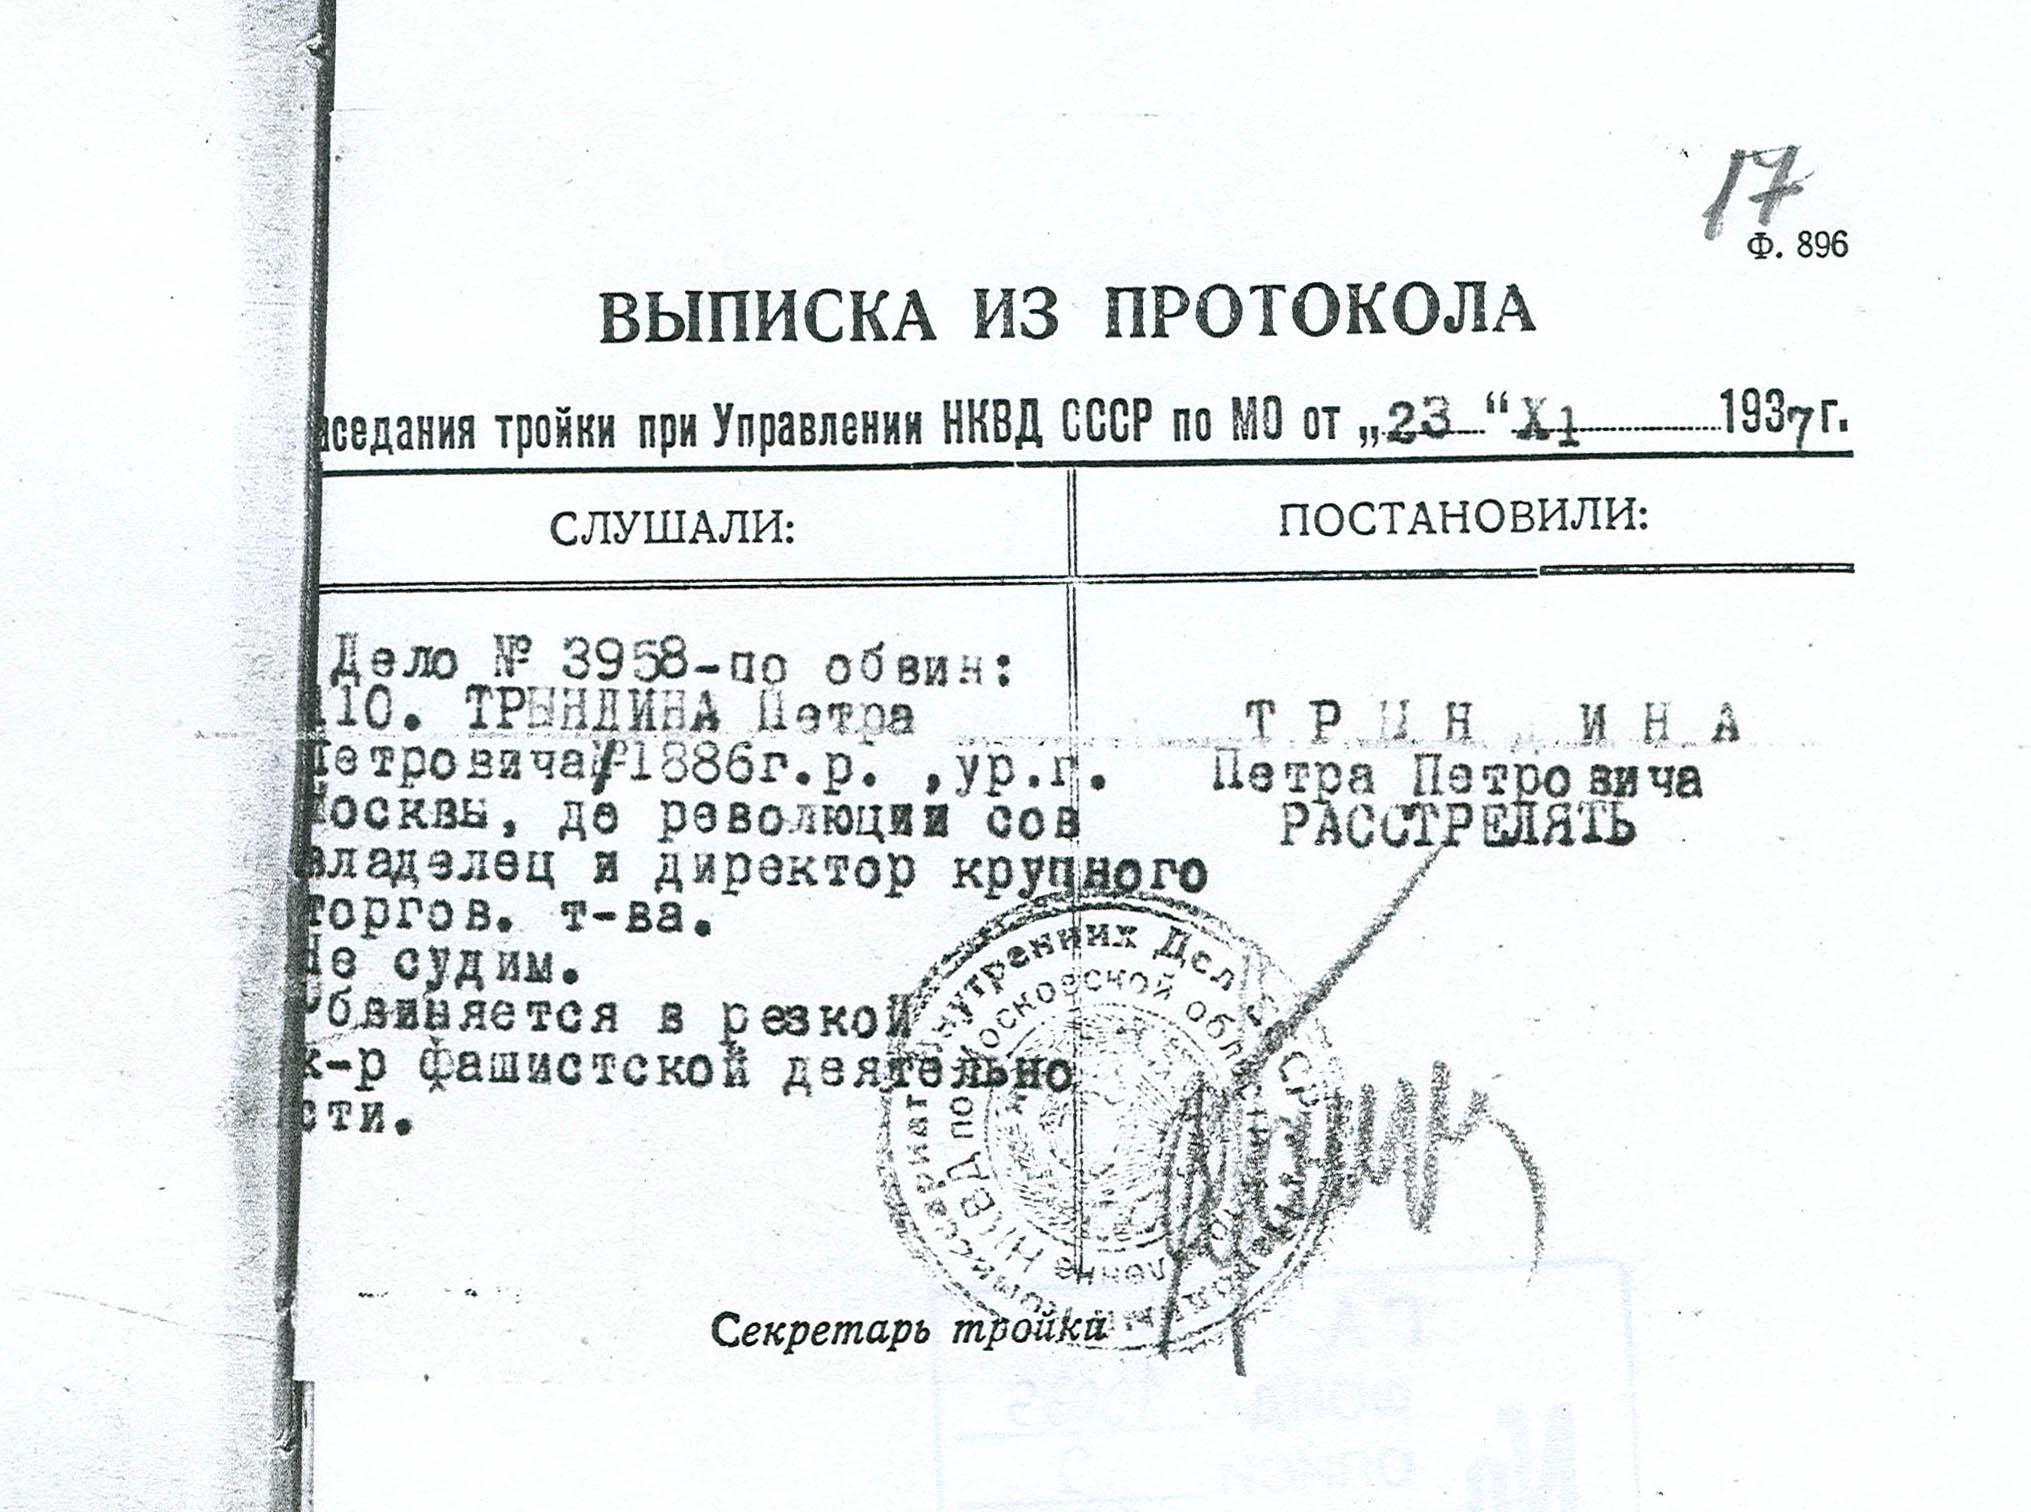 Установлены 11 похитителей майдановцев Луценко и Вербицкого. Трое арестованы, восемь - скрываются в России - Цензор.НЕТ 8330